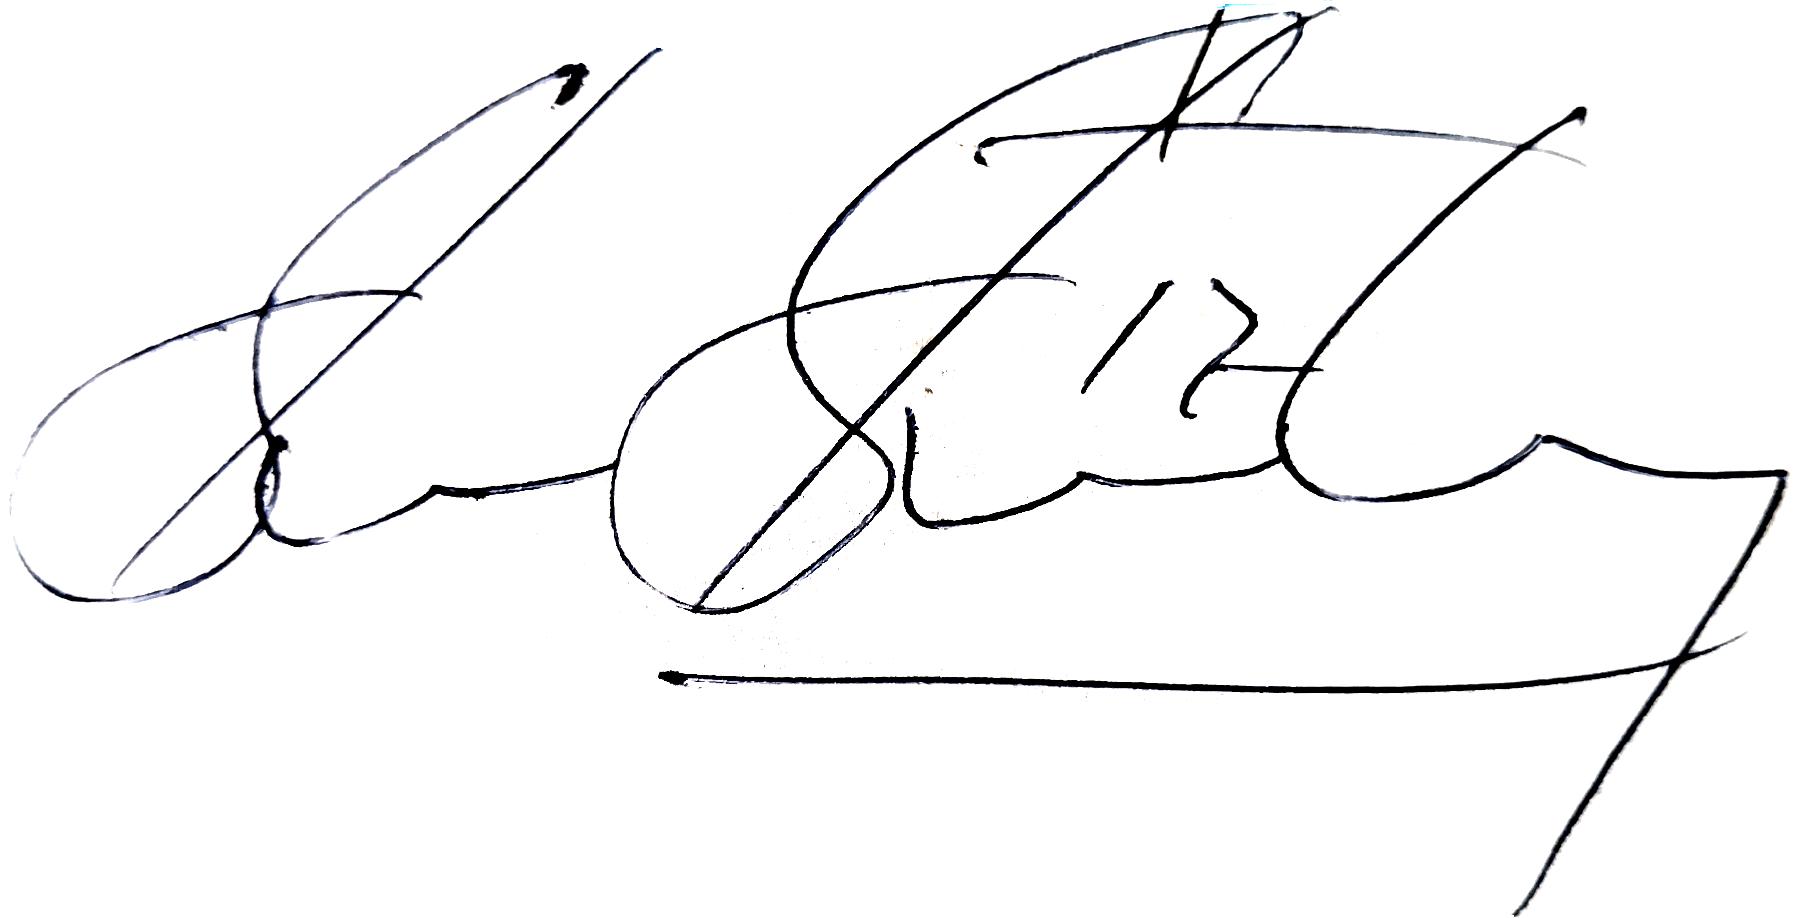 Glenn Strömberg, signatur